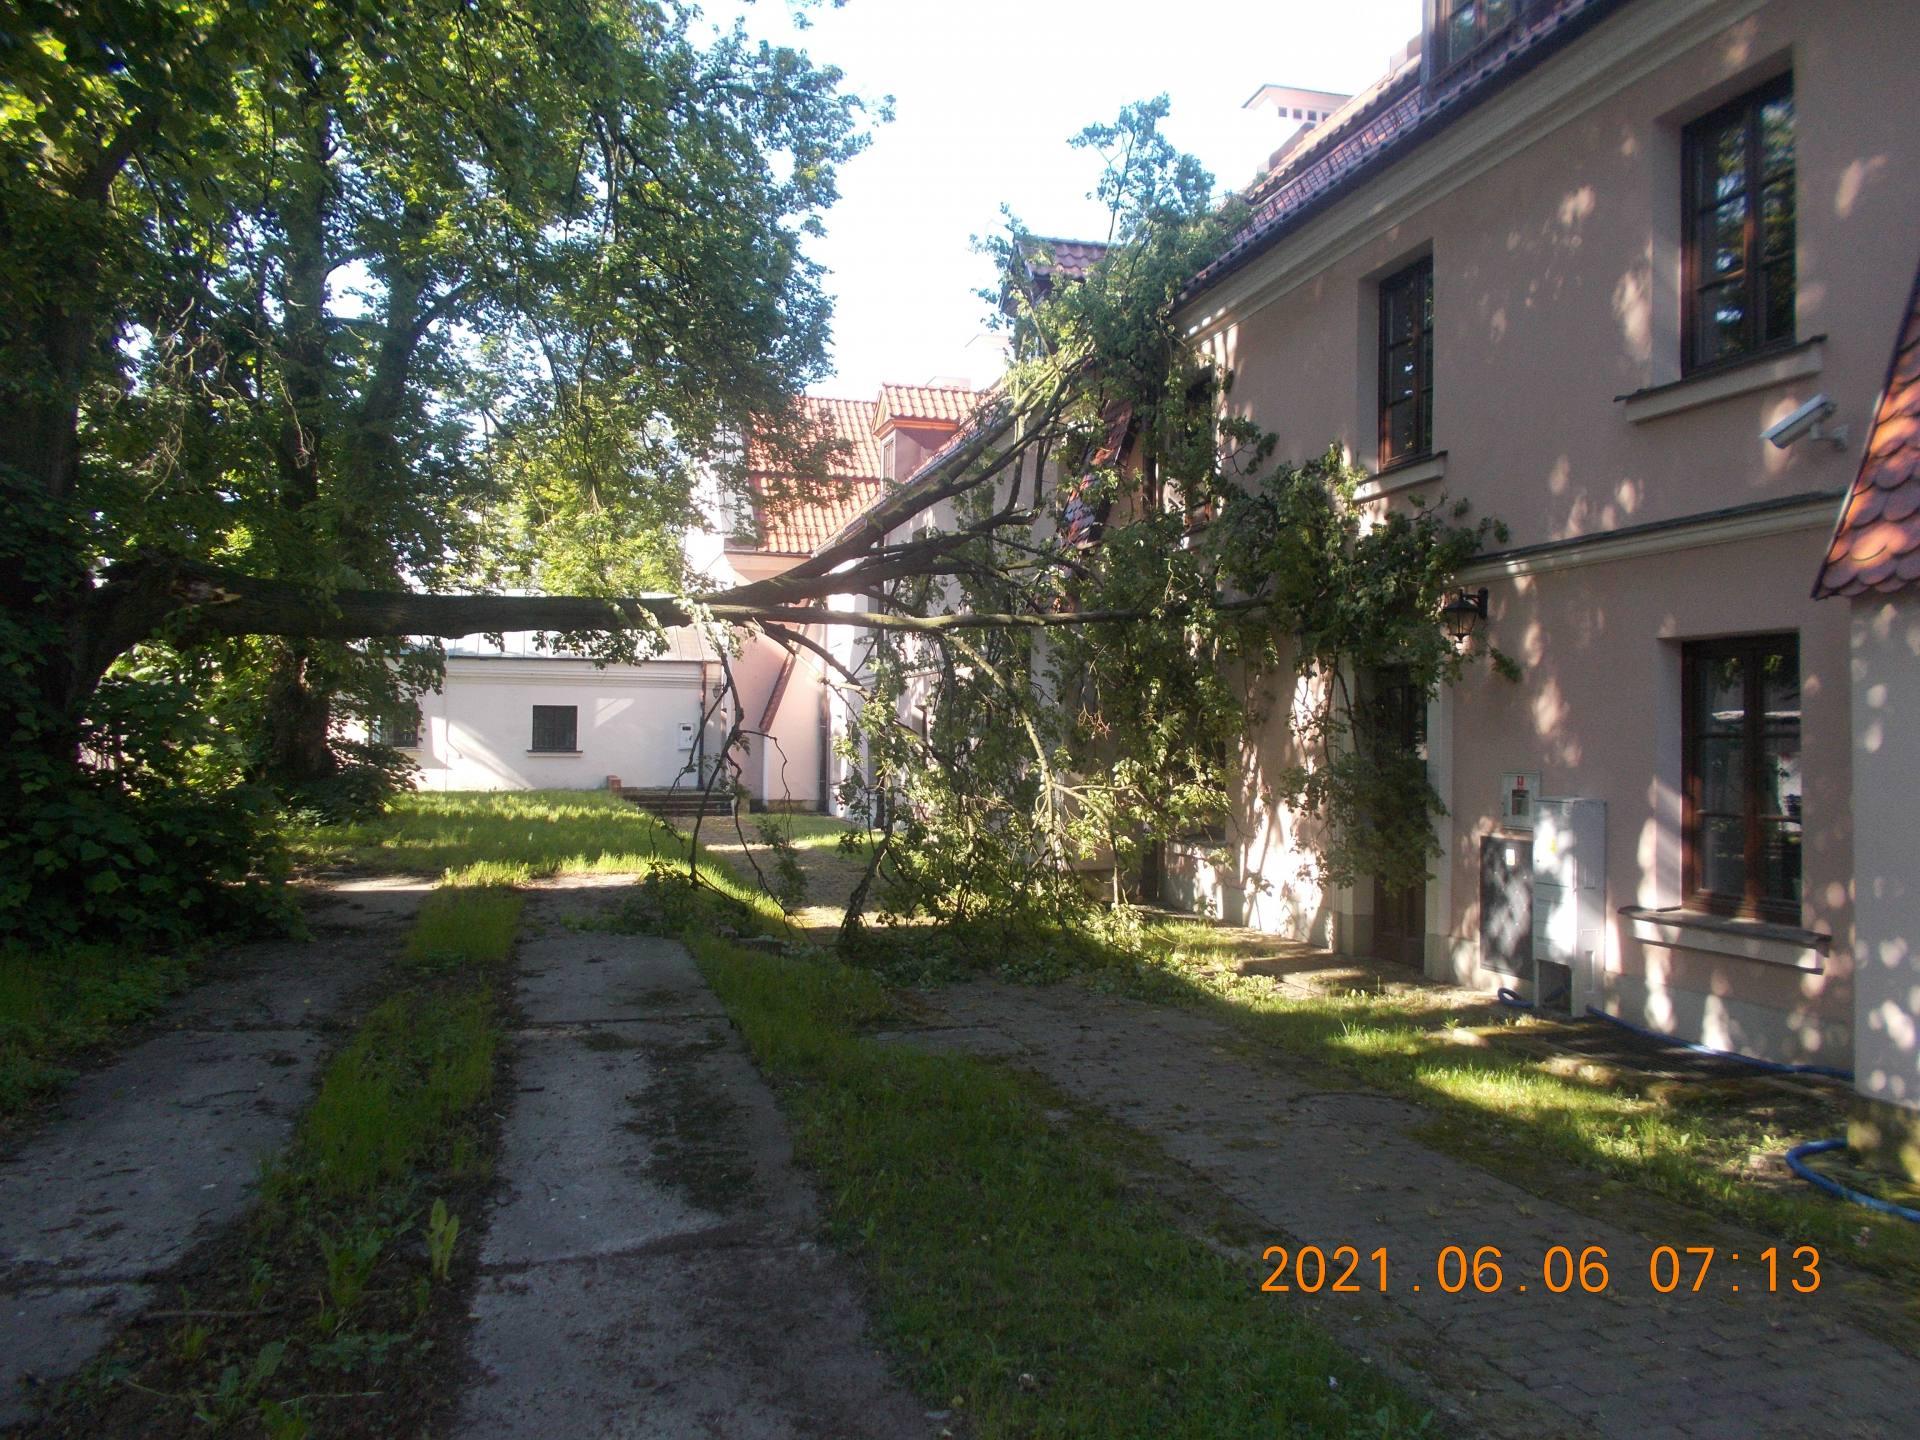 fot straz miejska Zamość: Przewrócone drzewo